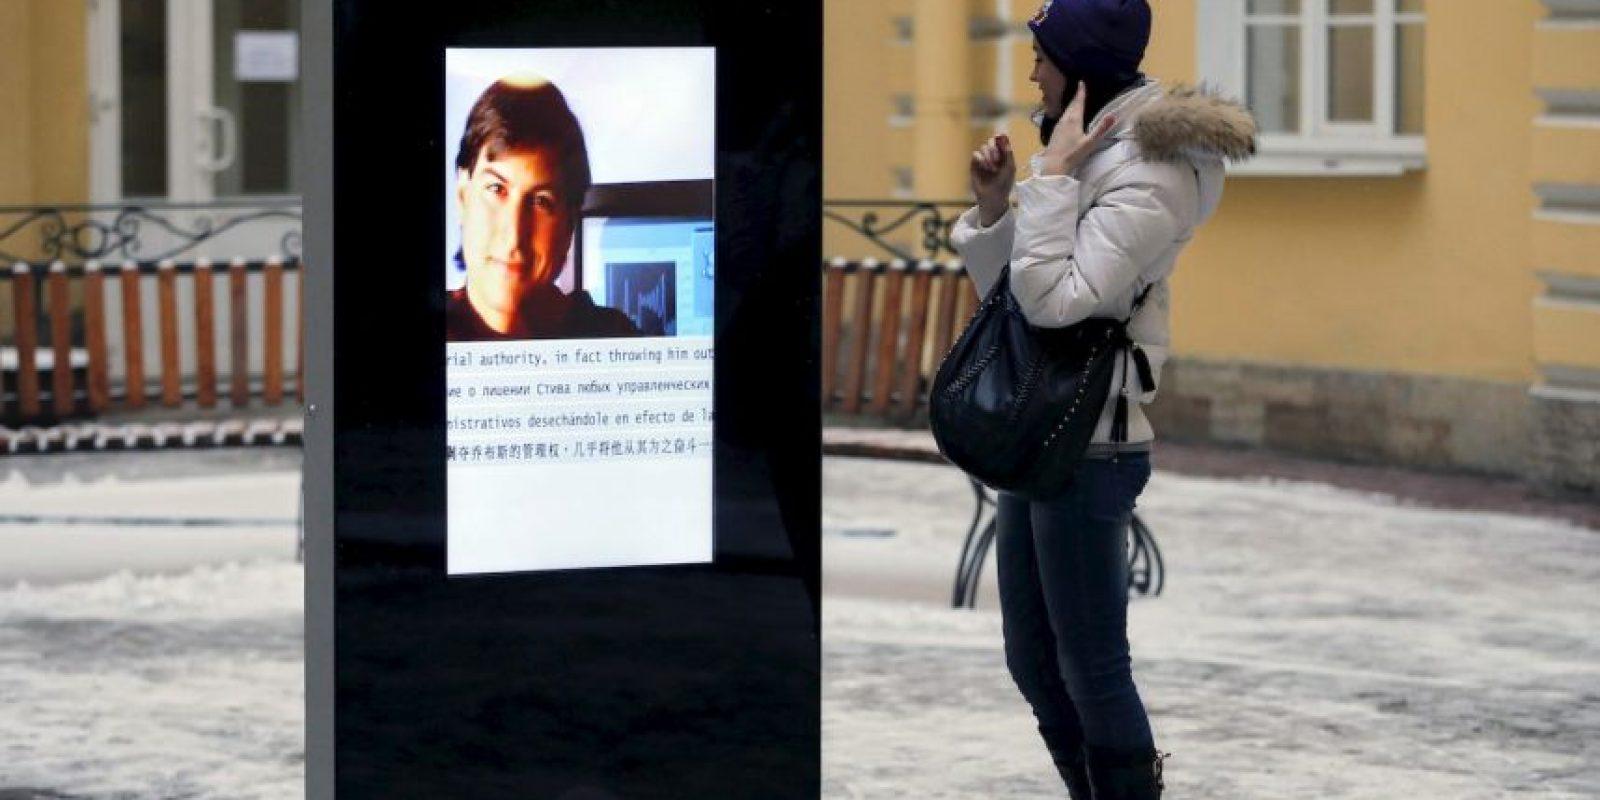 Mientras, hoy en Rusia desmantelaron el monumento que había en honor al fallecido Steve Jobs. Foto:AP